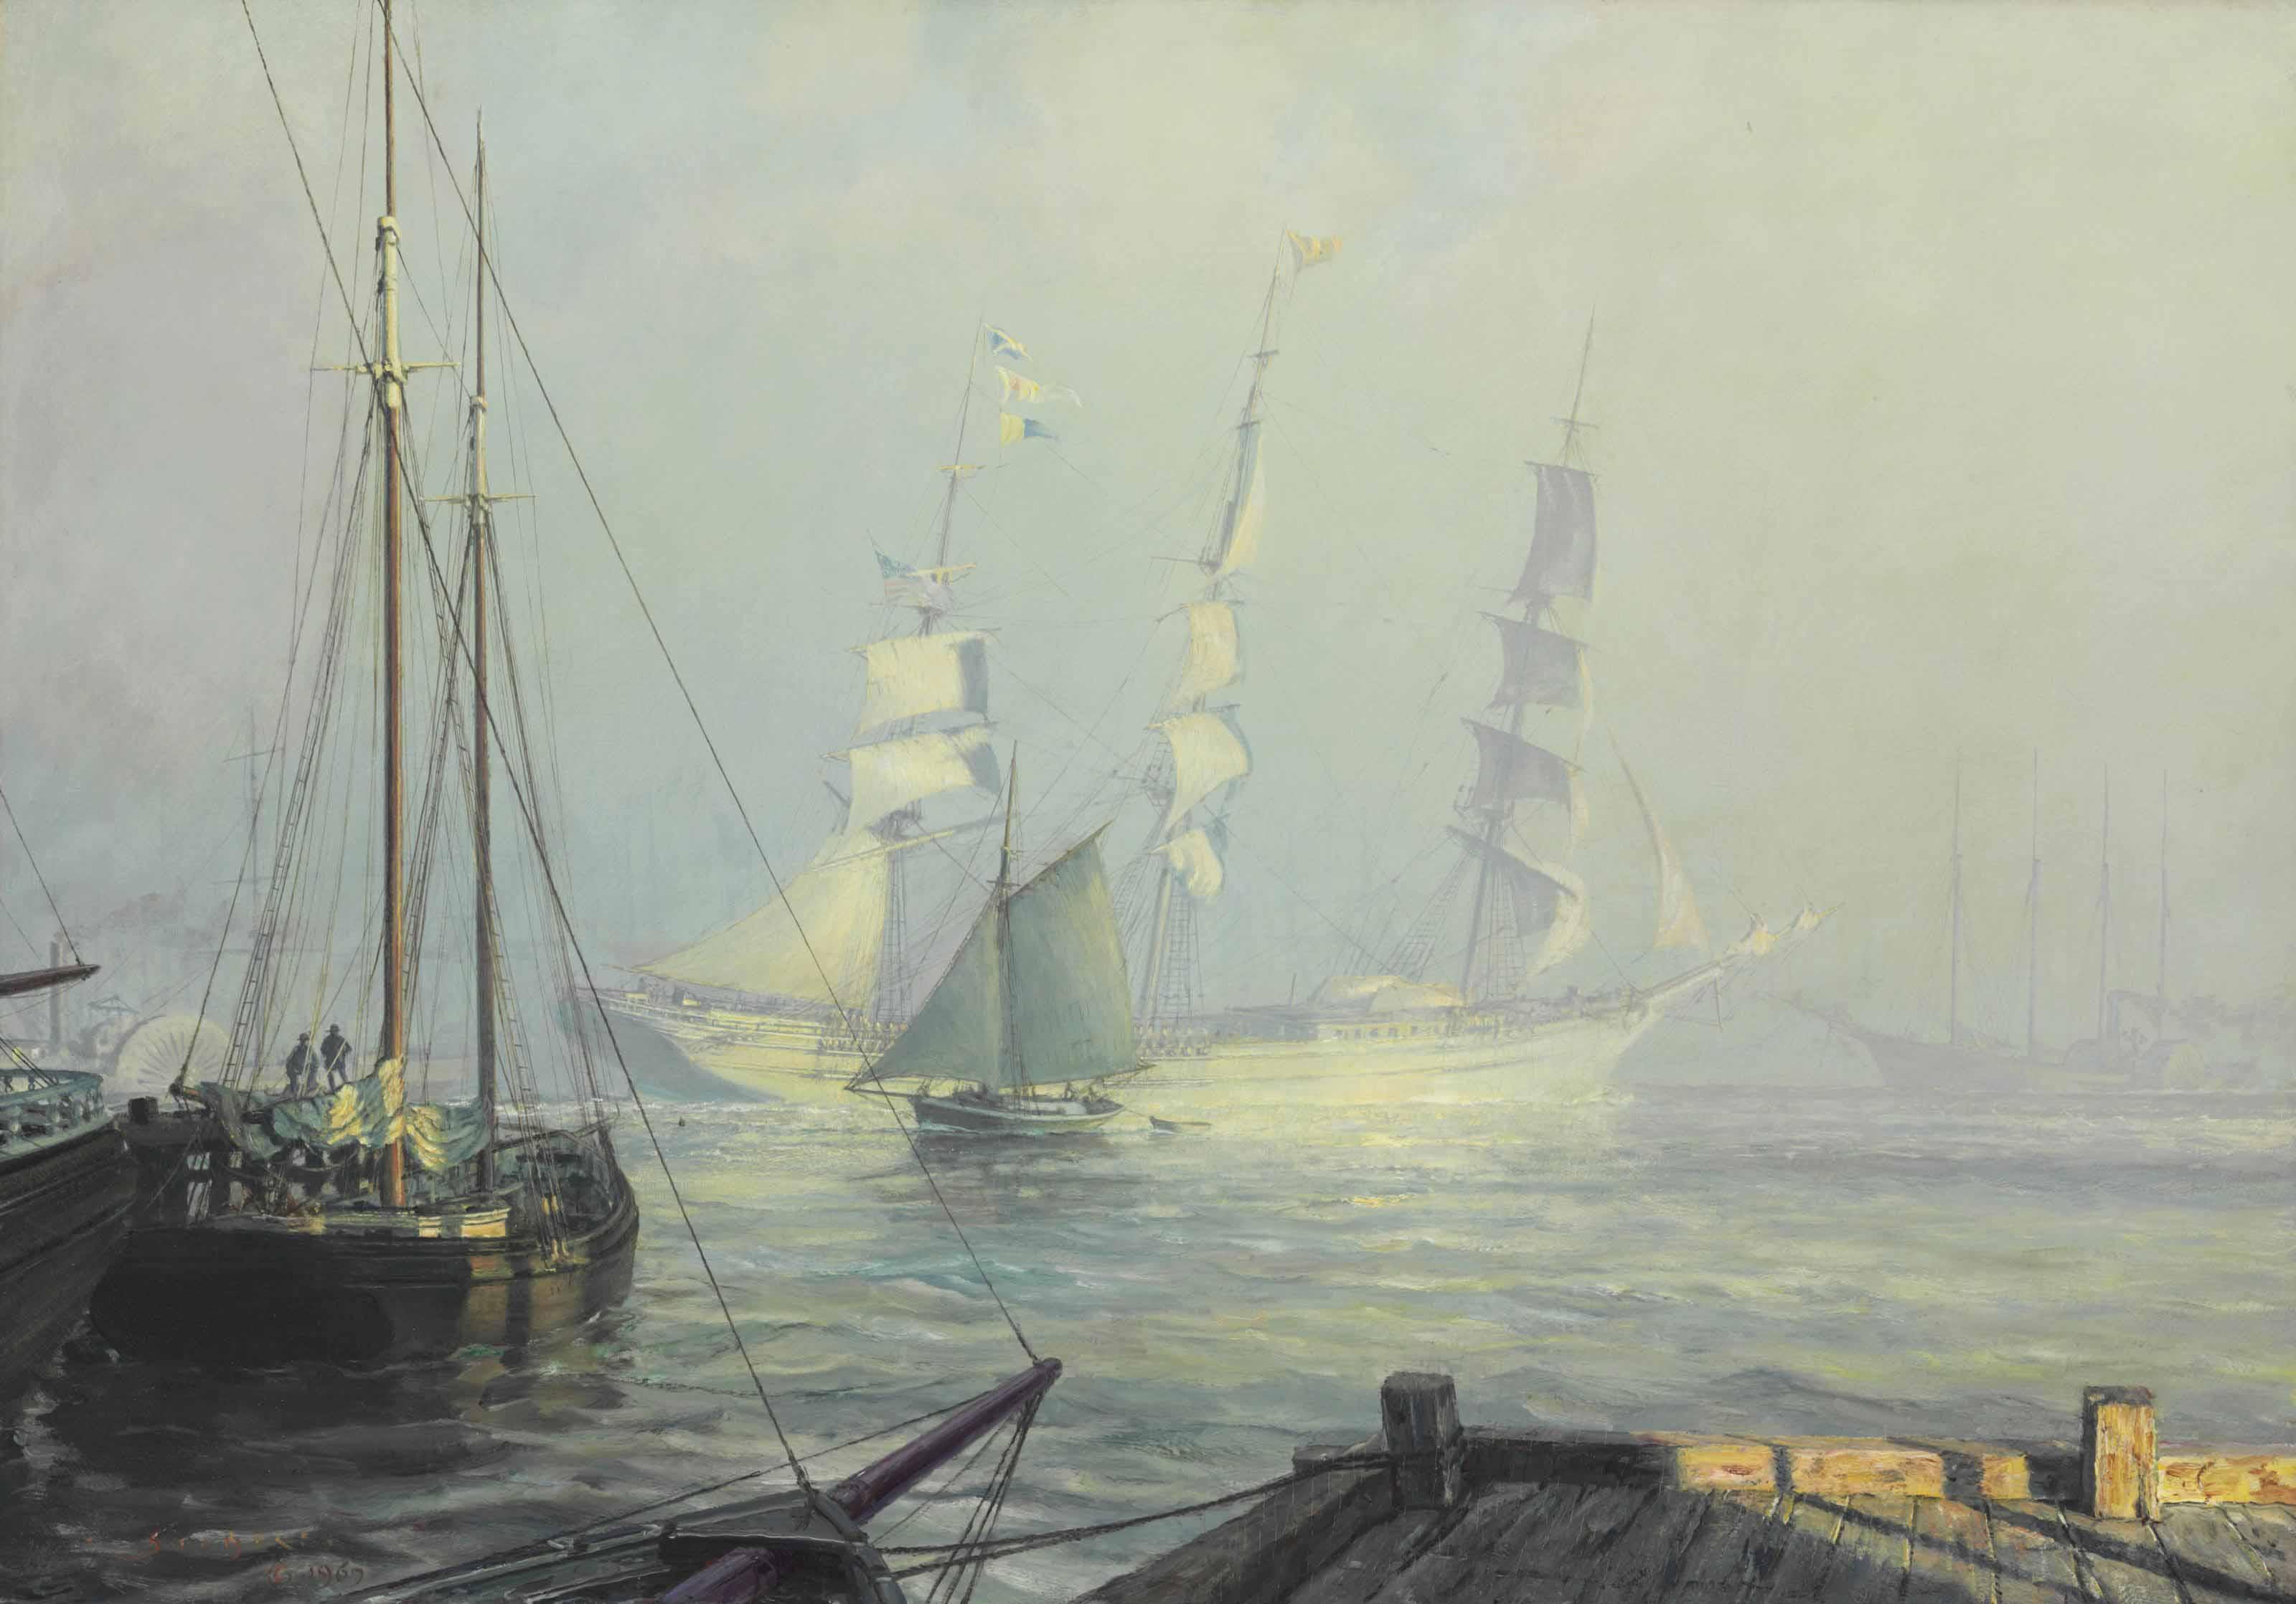 The Abner Coburn Leaving the East River in Mist